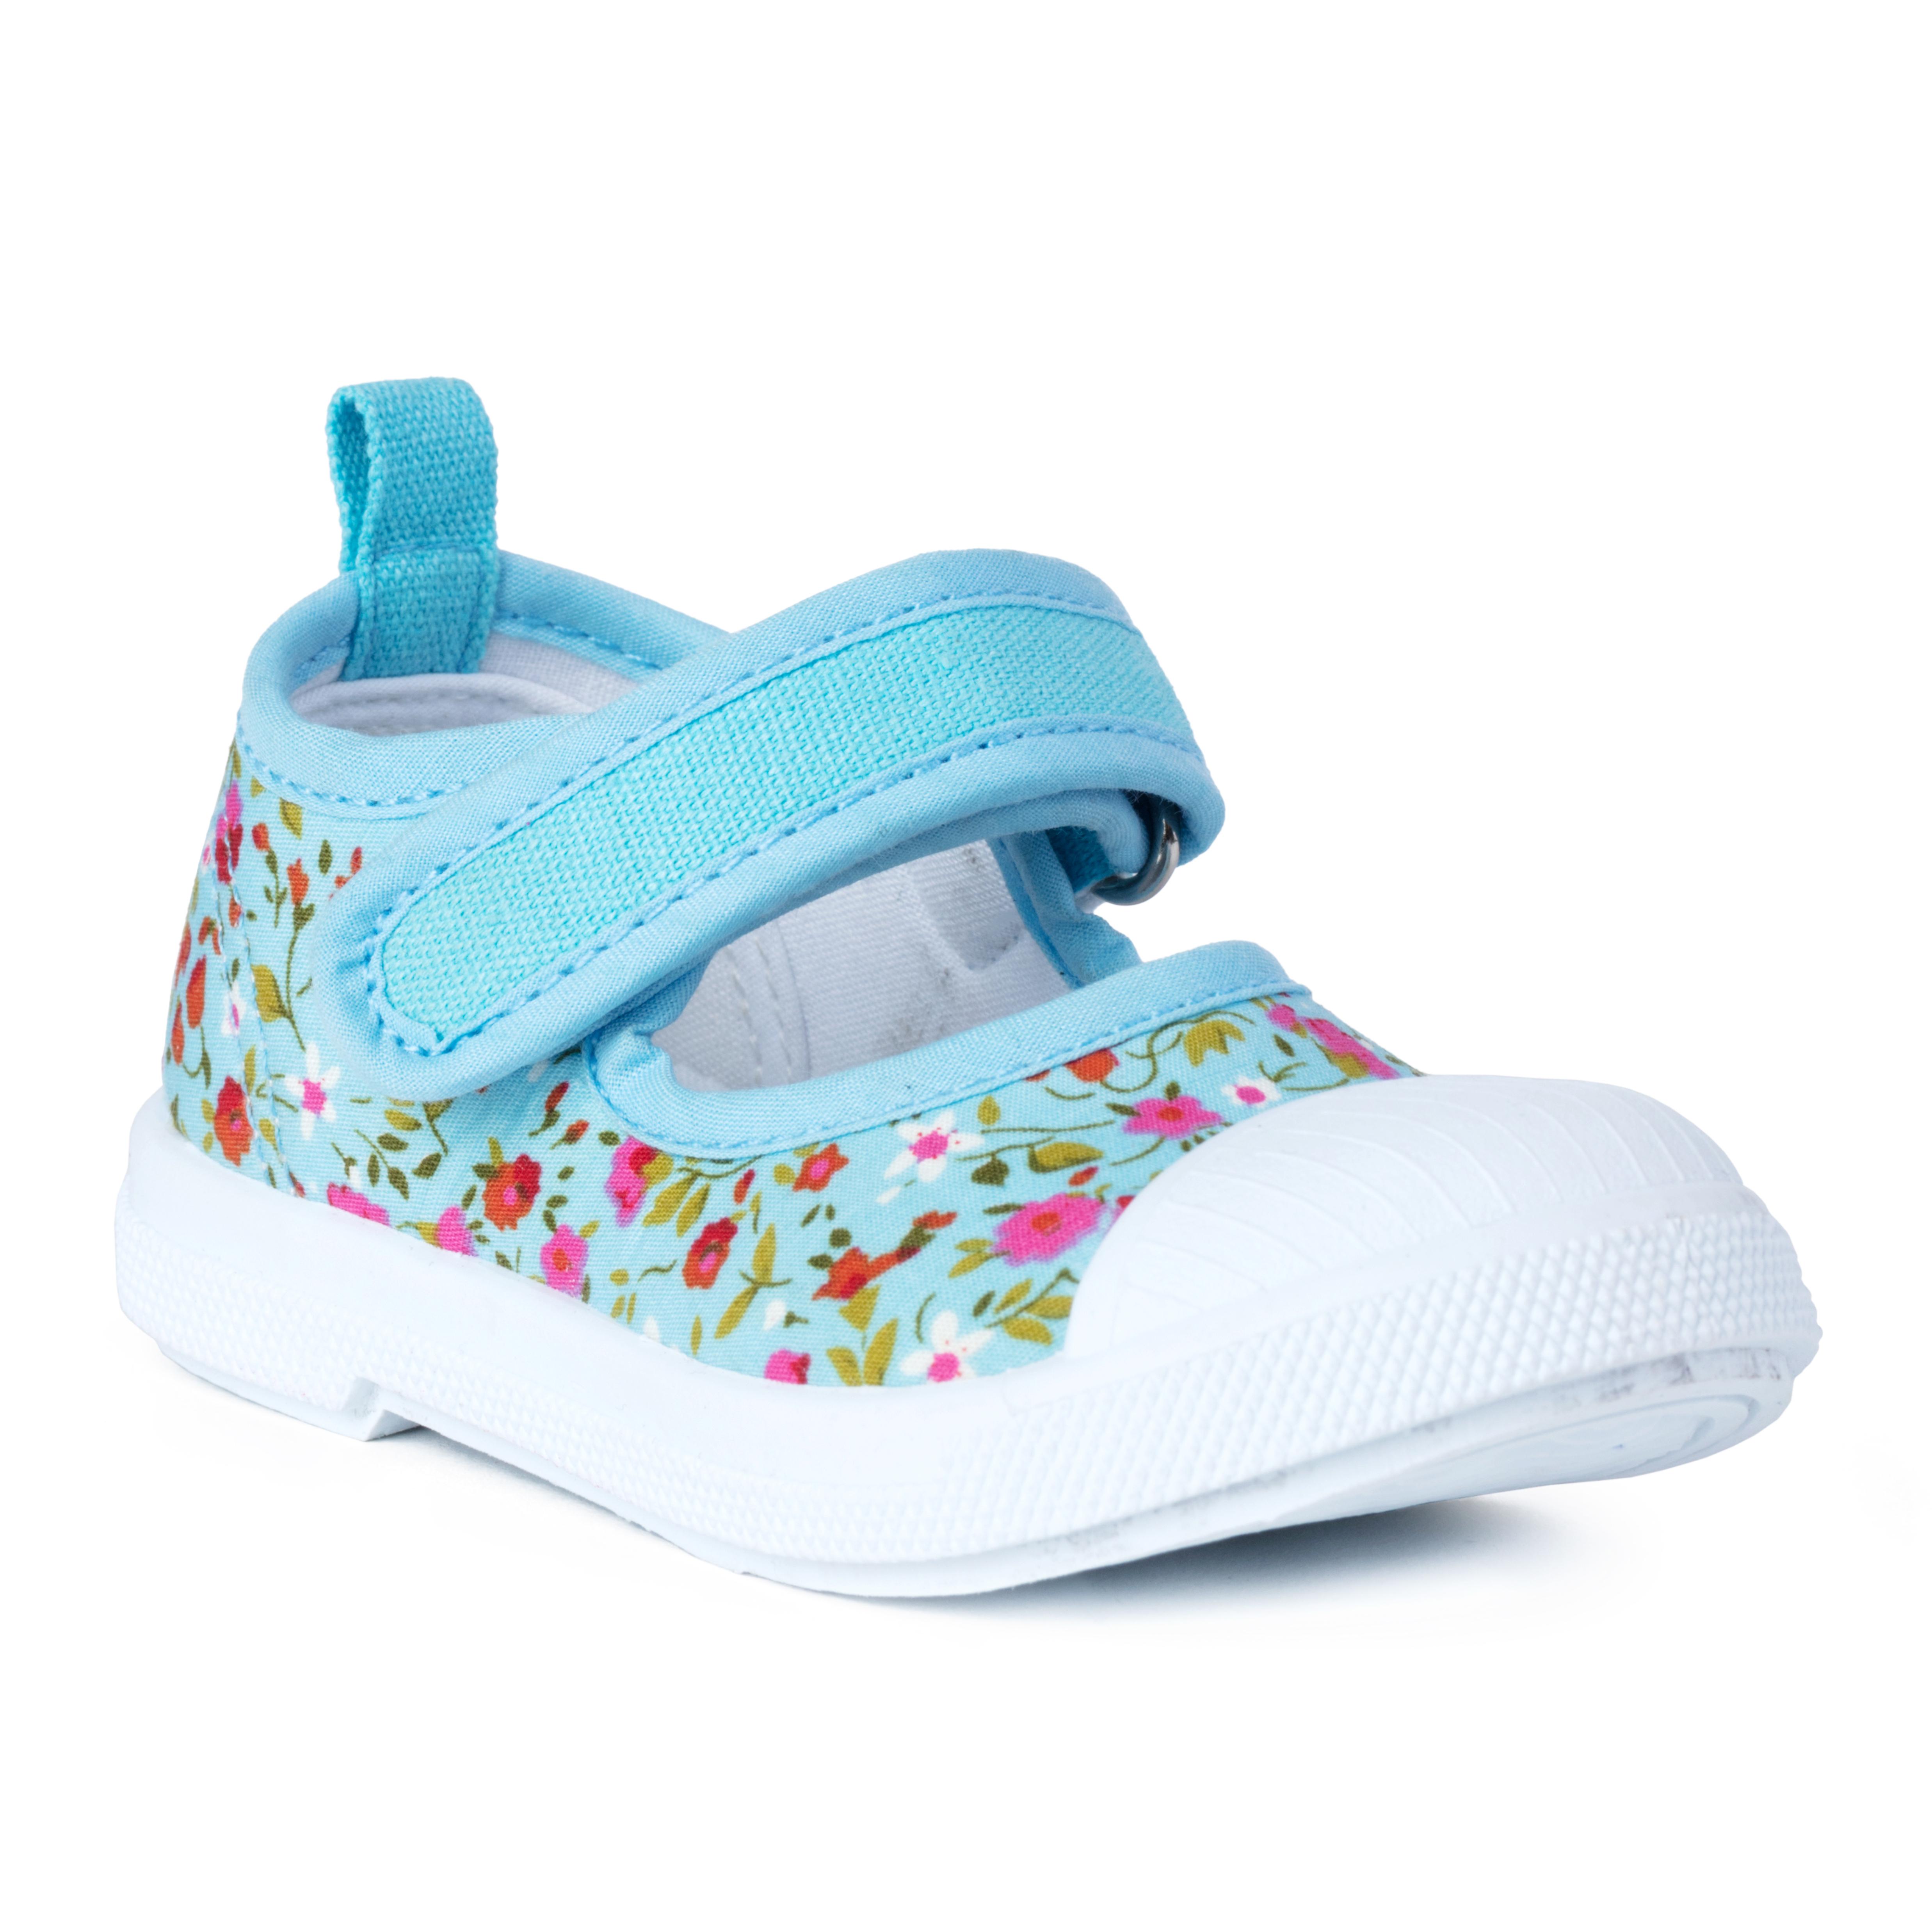 e6d516a64 188227/3885 Синие полуботинки для девочки PlayToday Baby - купить на ...